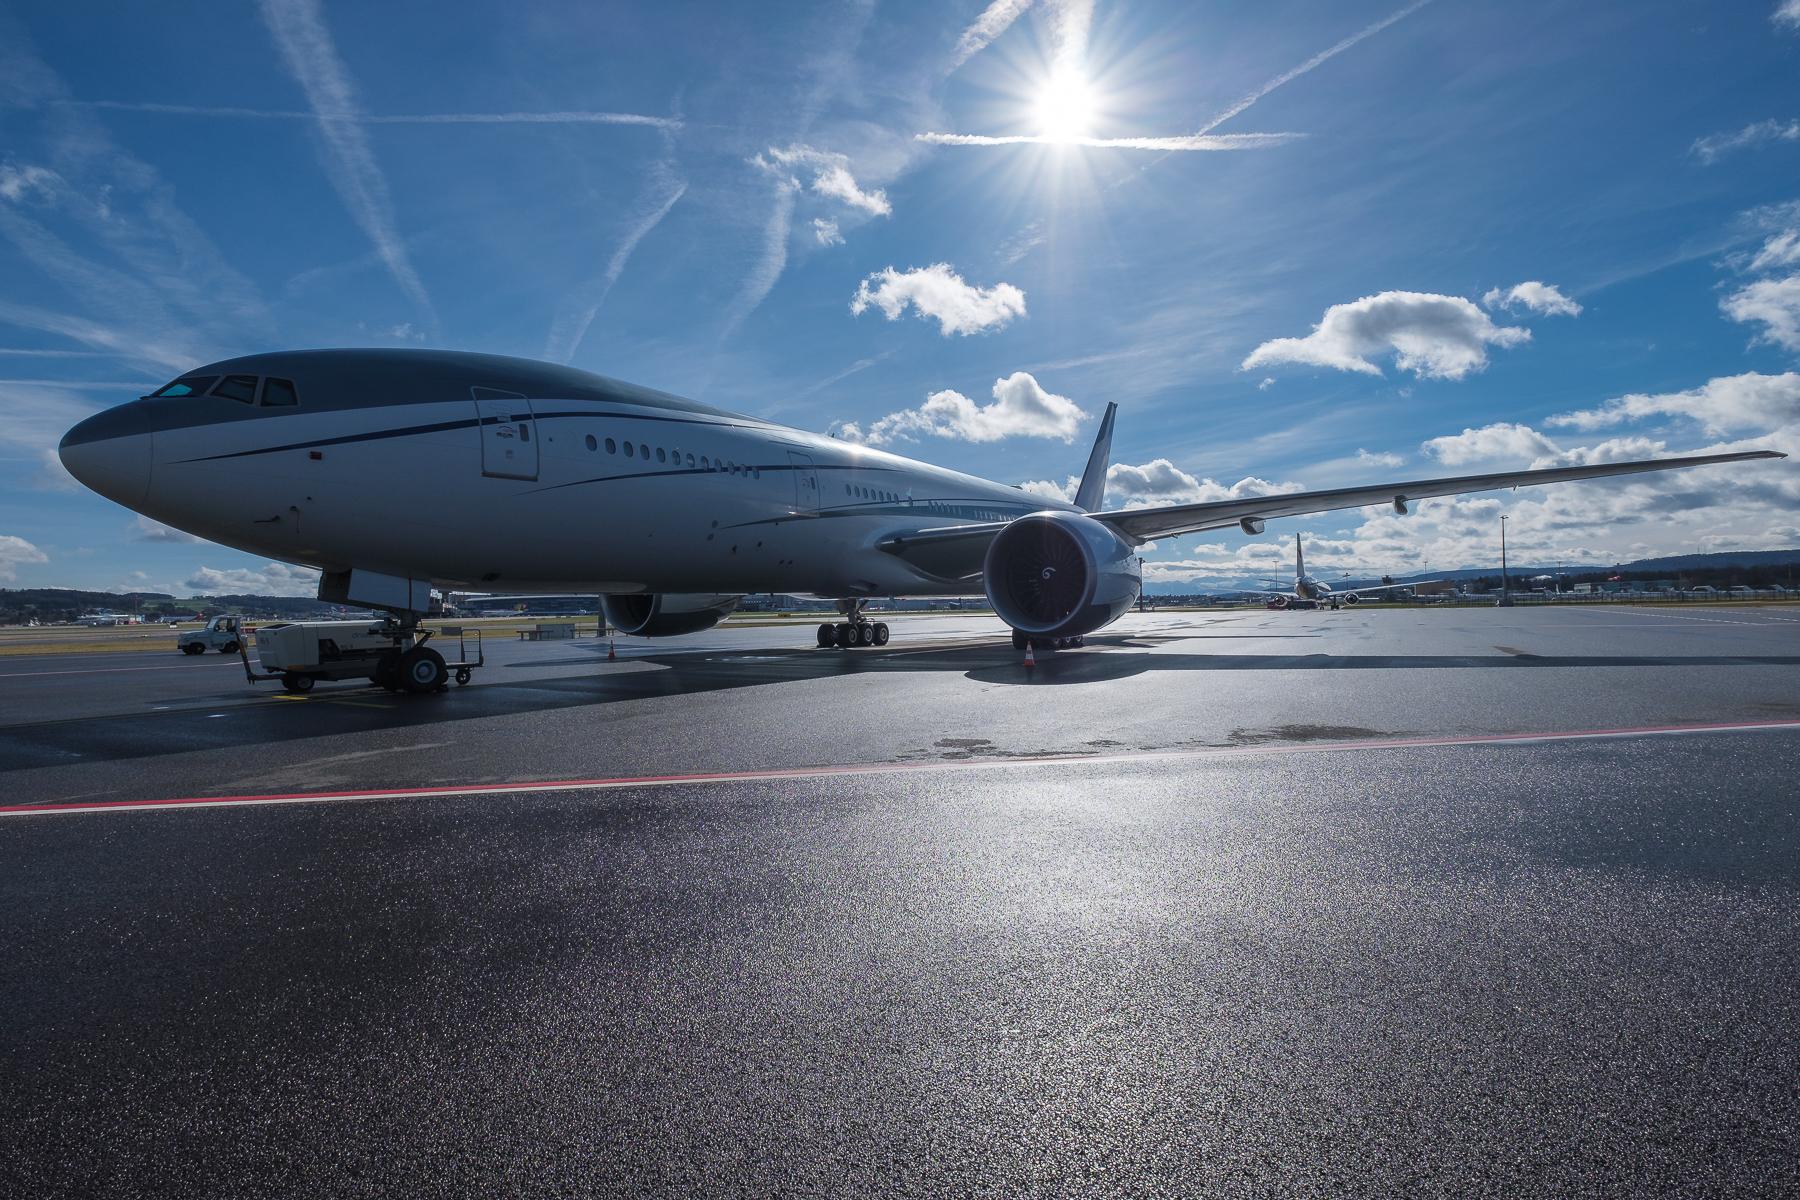 Flughafen Zürich-Kloten AFZ-Tour  - Hans-Peter Breiter - www.zeitbilder.ch